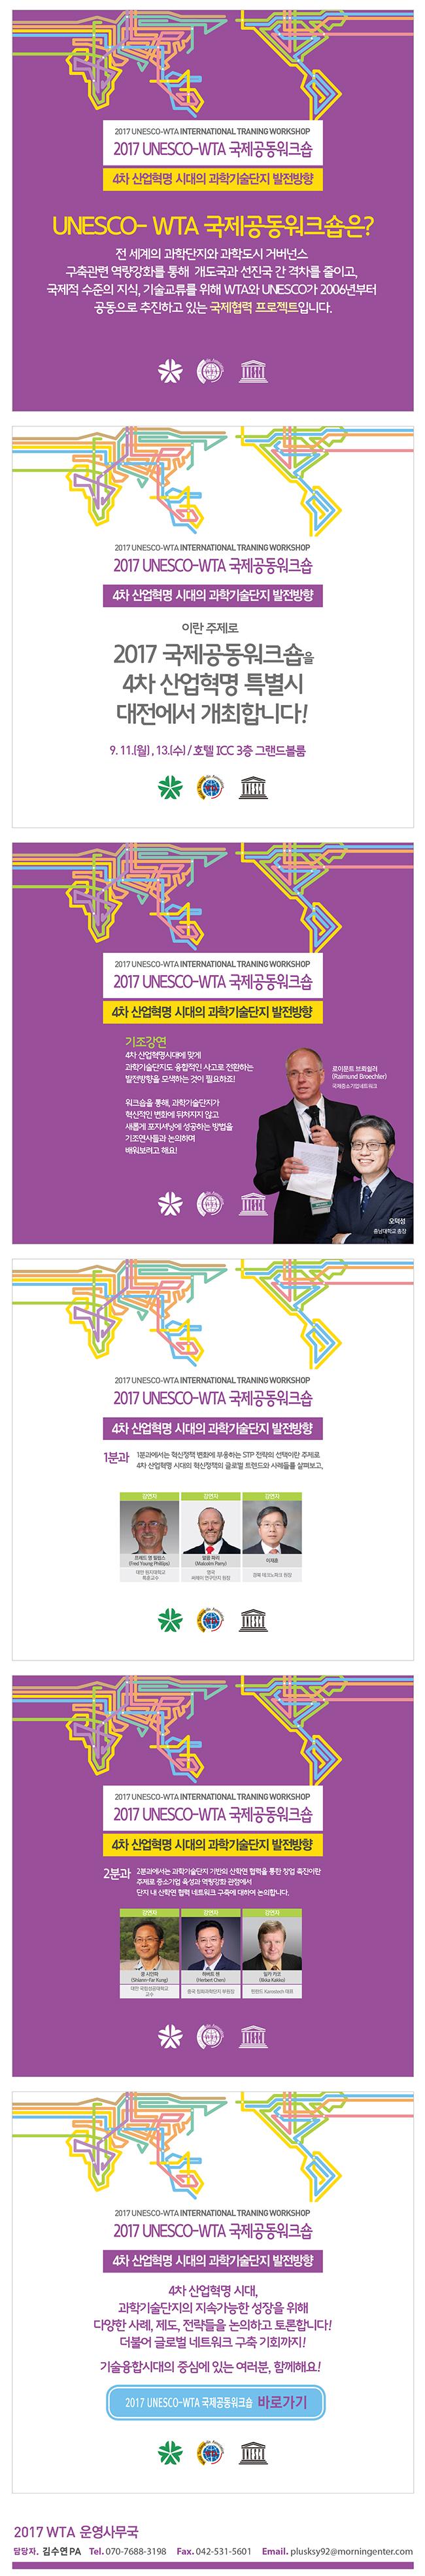 2017 UNESCO-WTA 국제공동워크숍